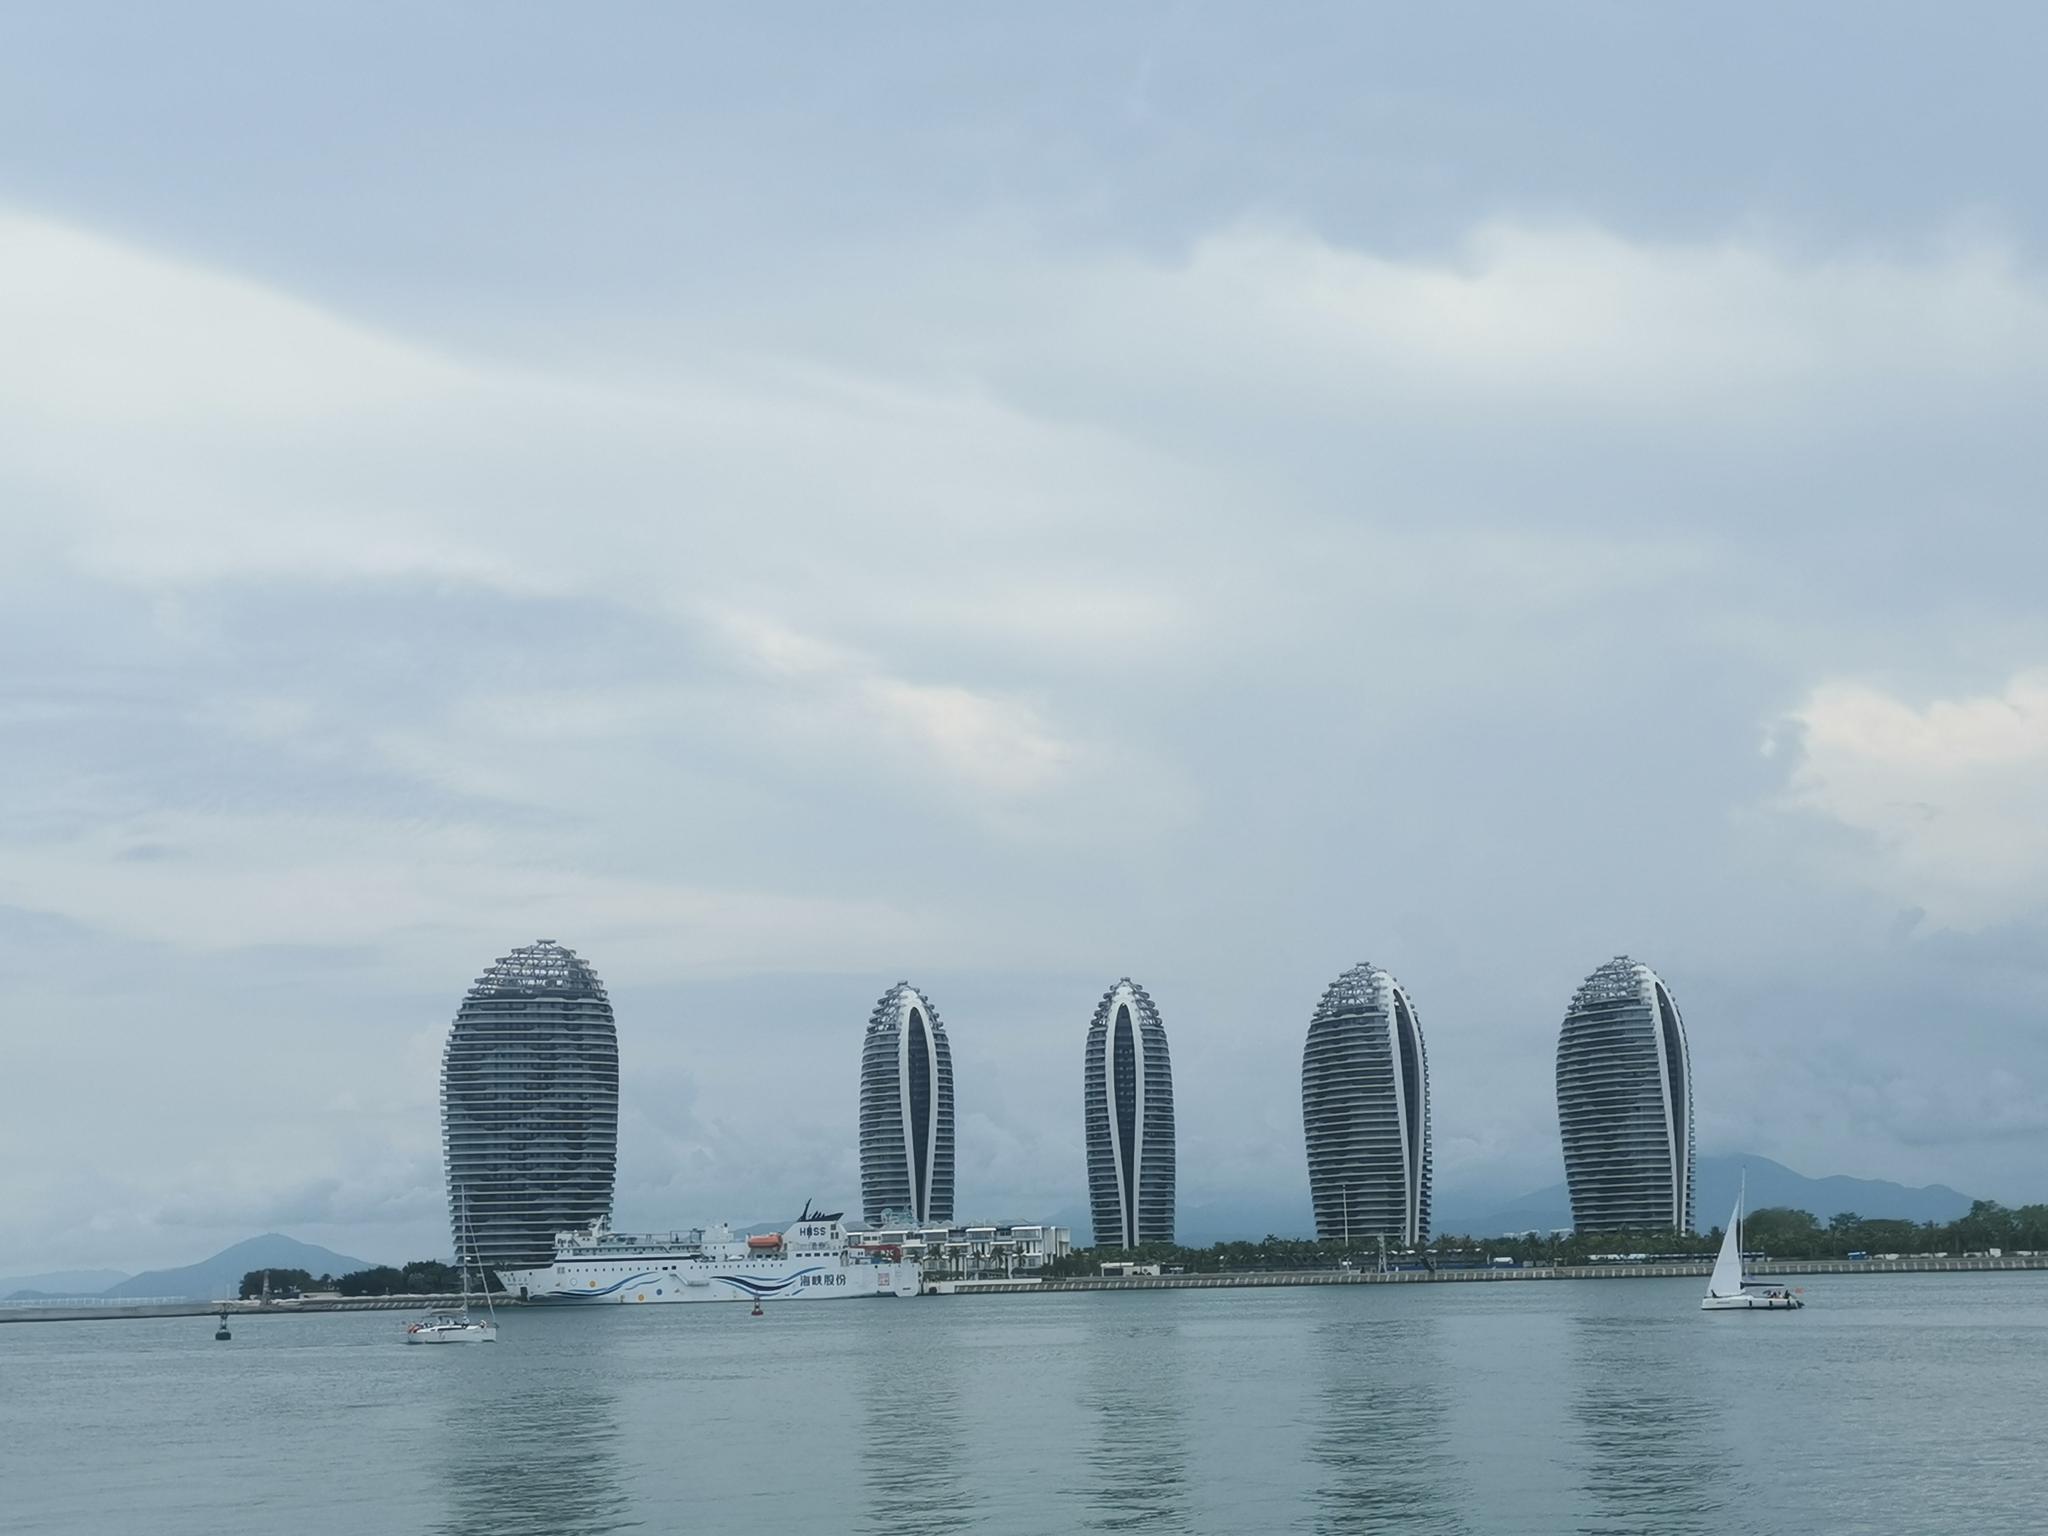 2019年5月28日,从三亚远望凤凰岛,5栋贝壳年夜楼,为凤凰岛标记性修建。 新京报记者李云琦摄